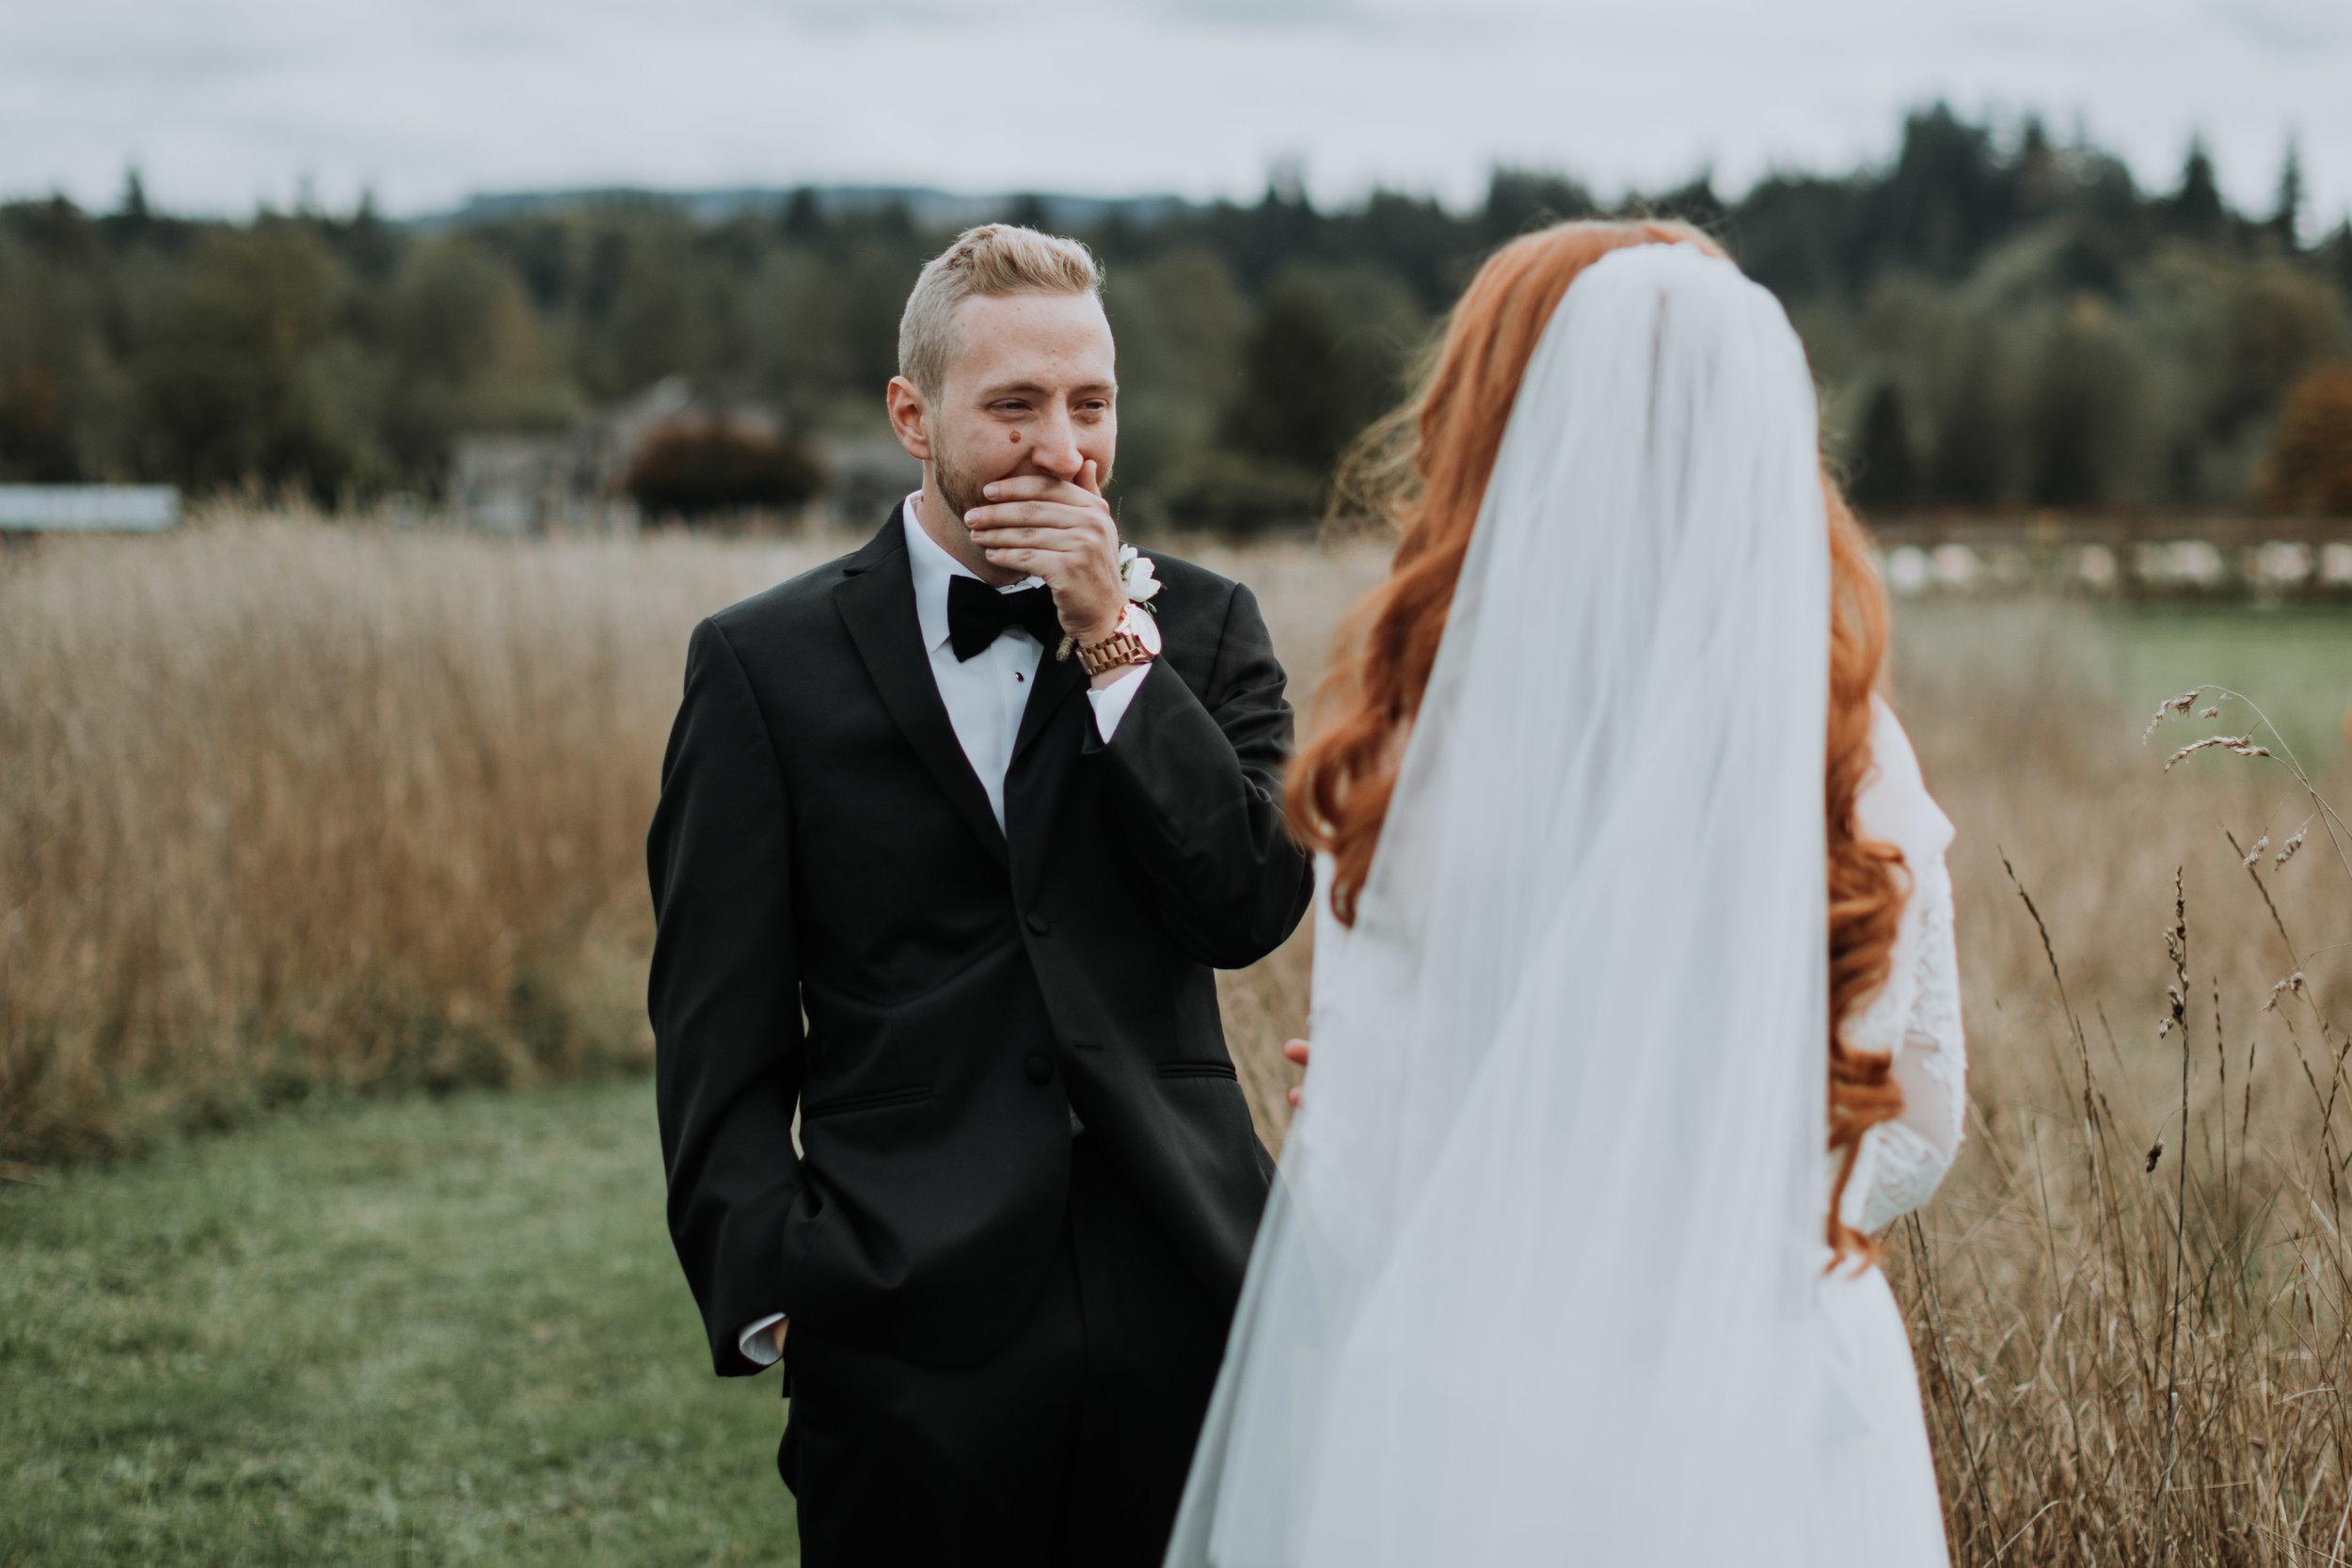 adam sophie red barn wedding arlington washington foggy day pnw first look